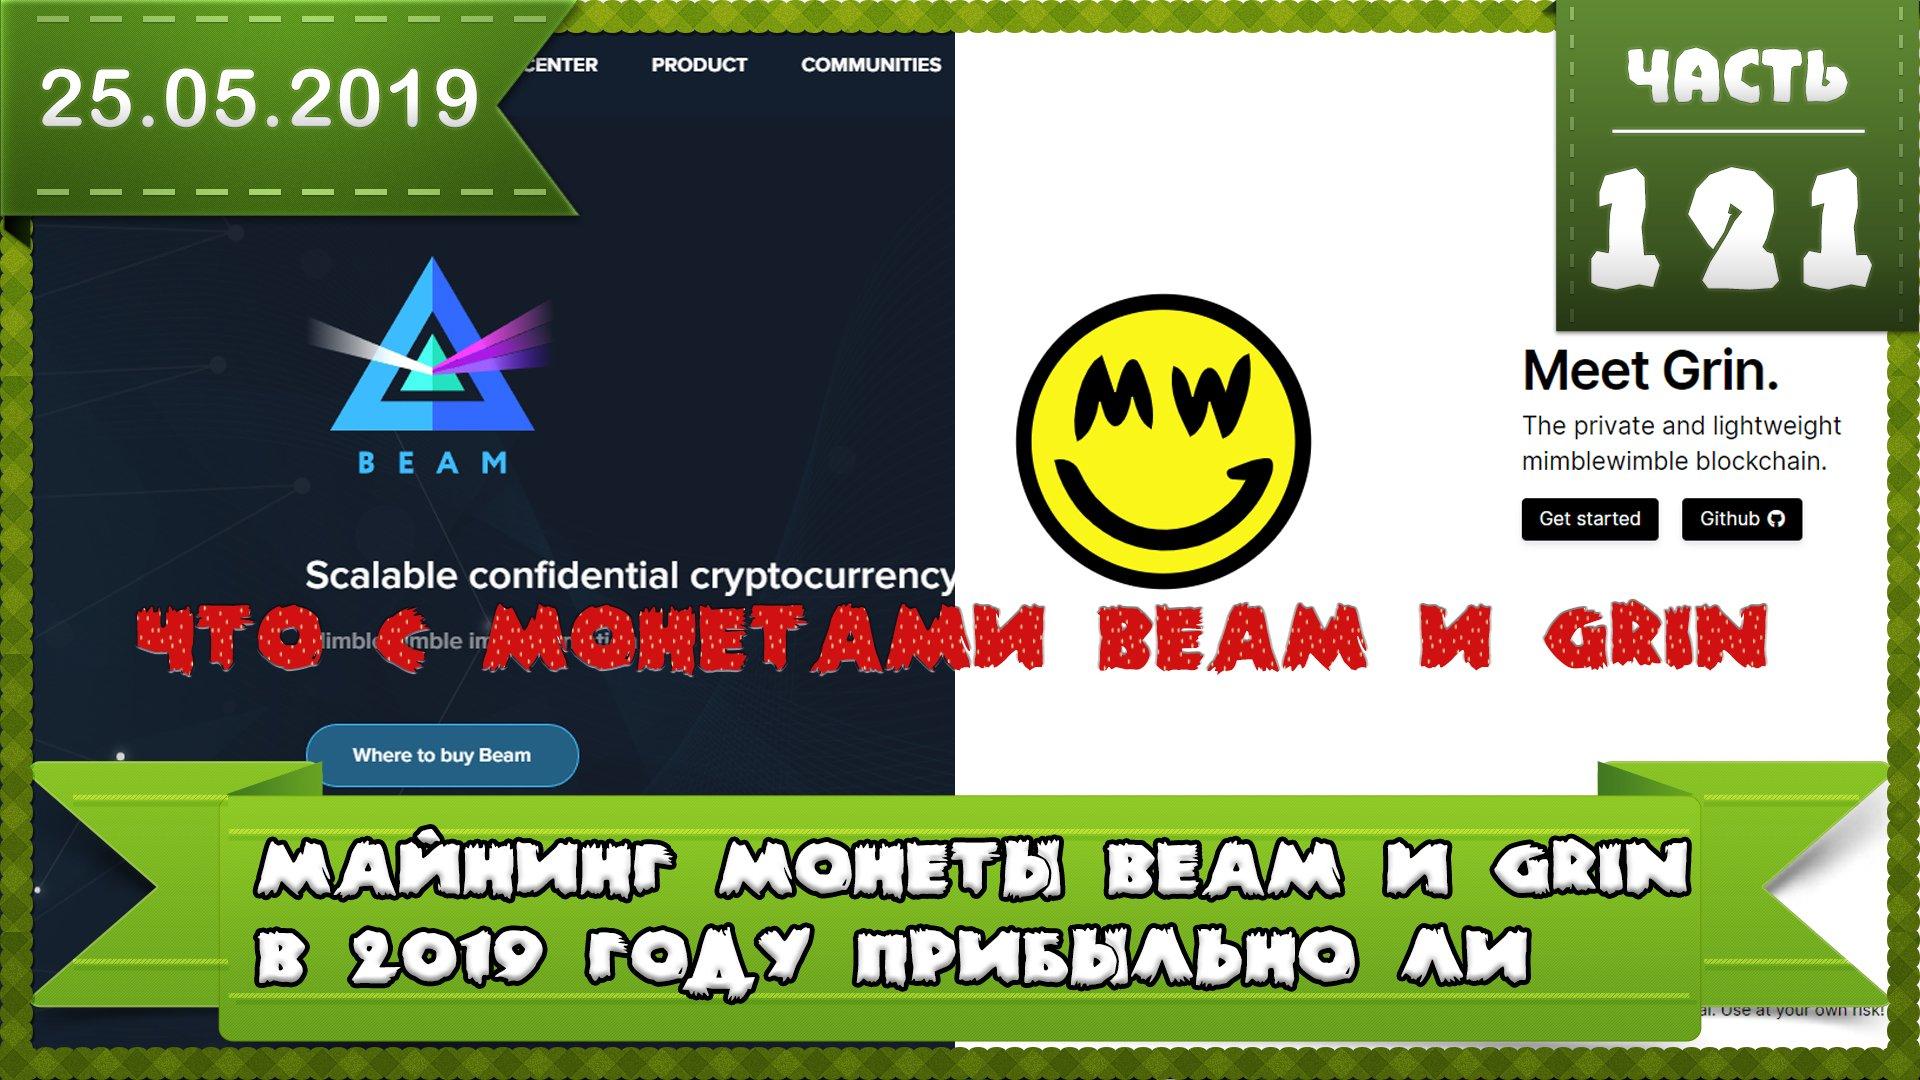 Криптовалюты Beam (BEAM) и Grin (GRIN) что с ними случилось, будет ли прибыль как раньше?